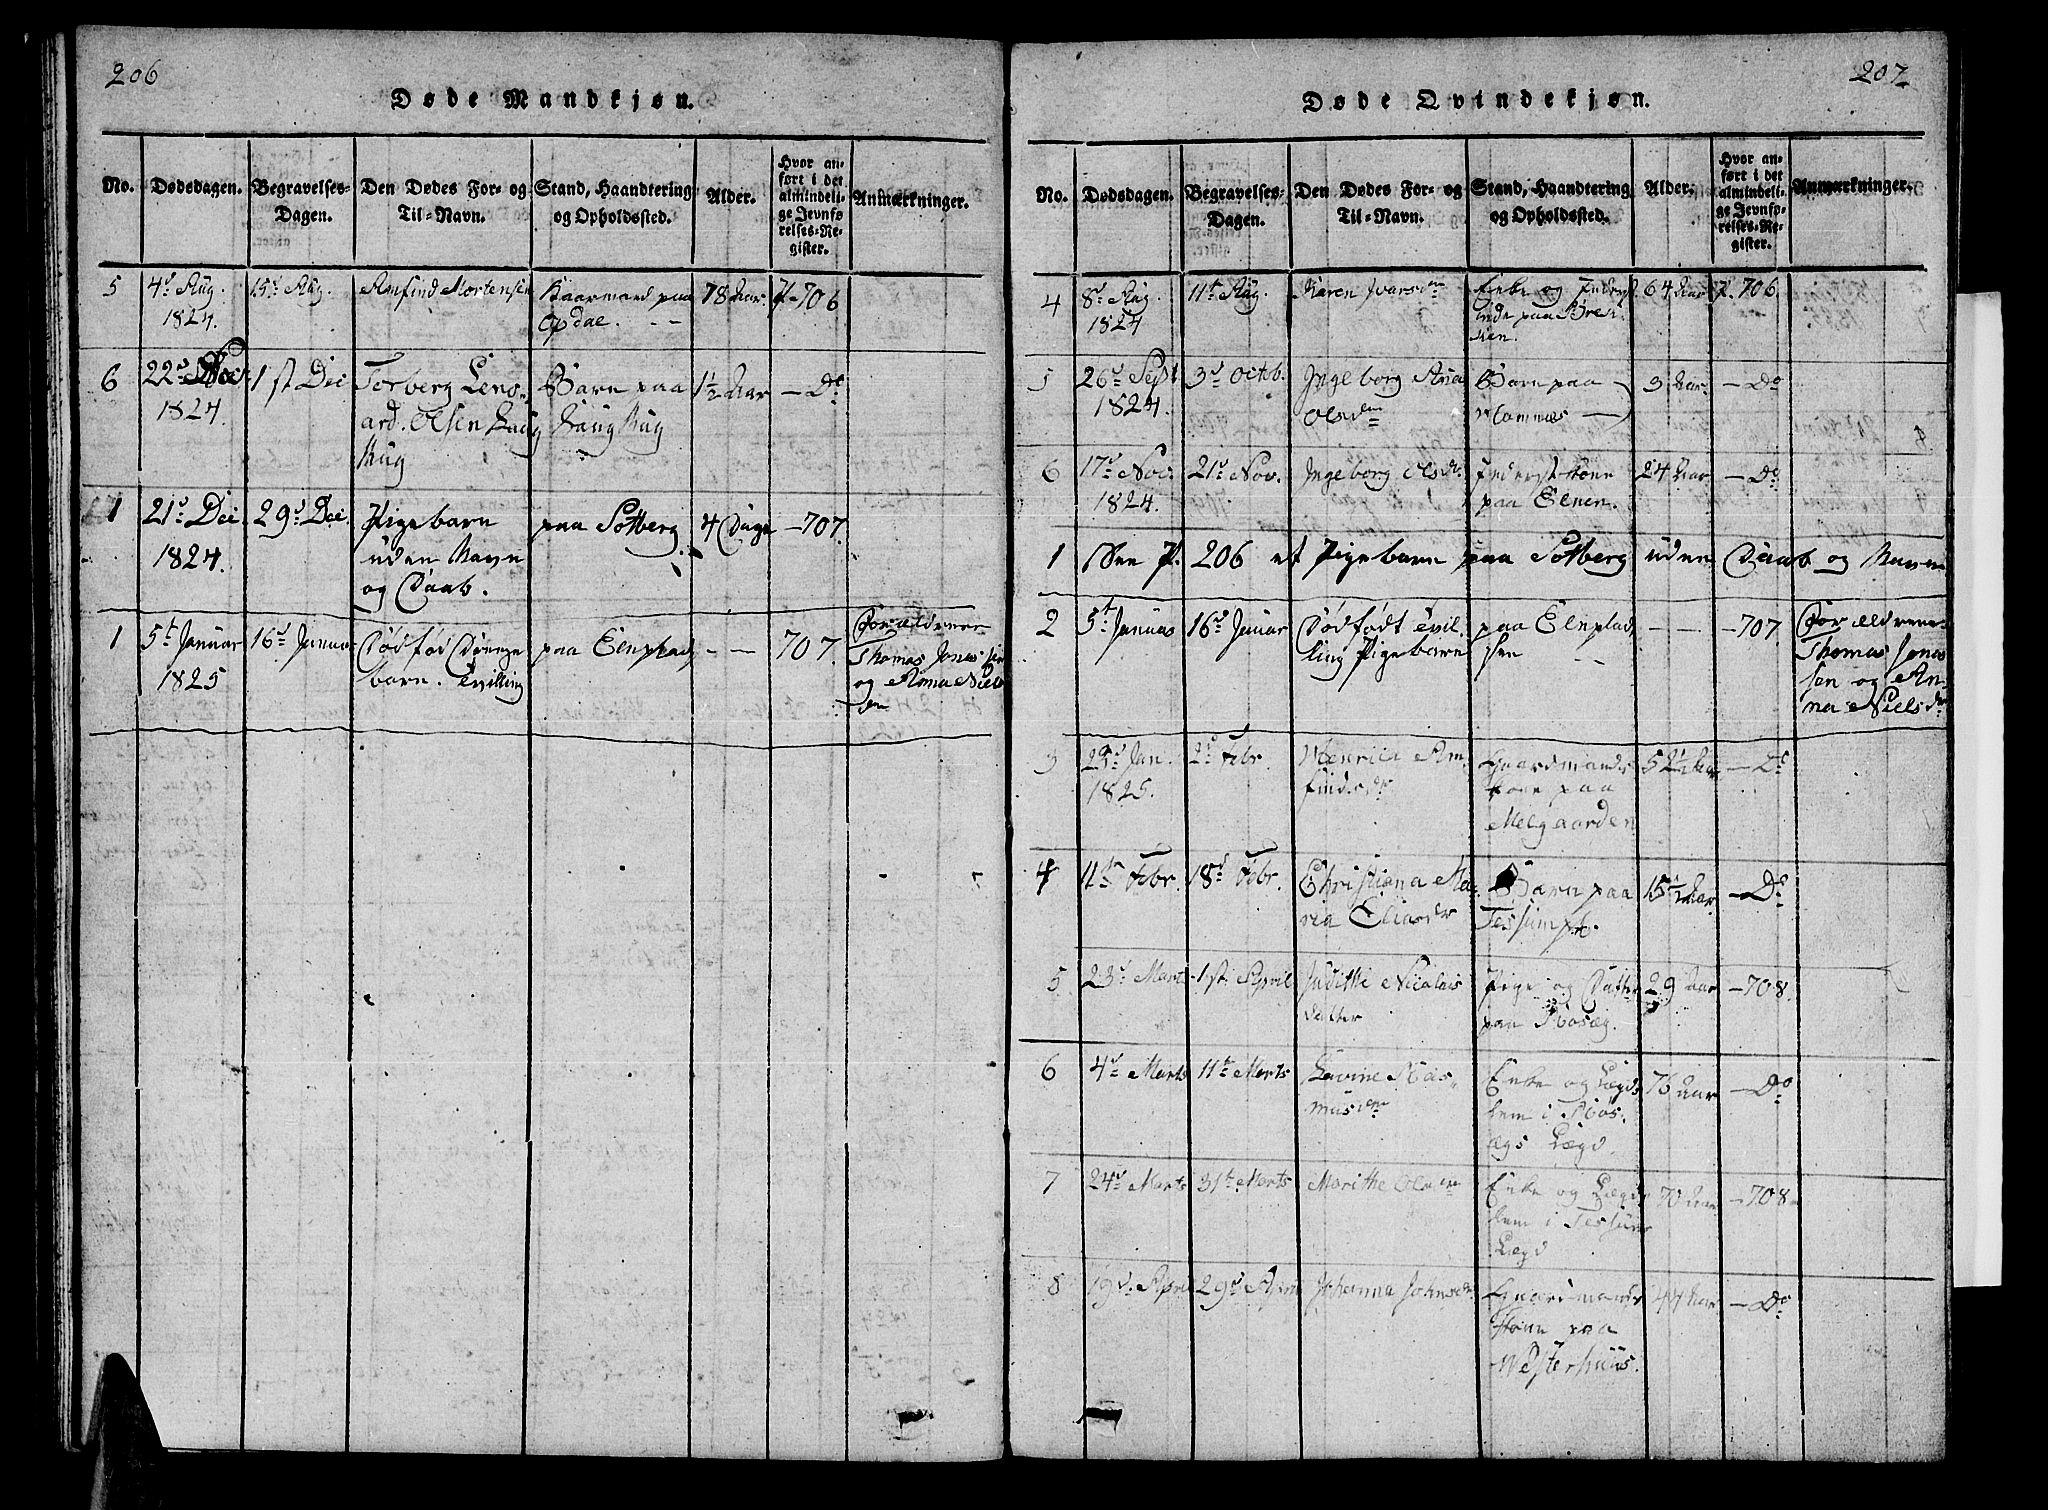 SAT, Ministerialprotokoller, klokkerbøker og fødselsregistre - Nord-Trøndelag, 741/L0400: Klokkerbok nr. 741C01, 1817-1825, s. 206-207